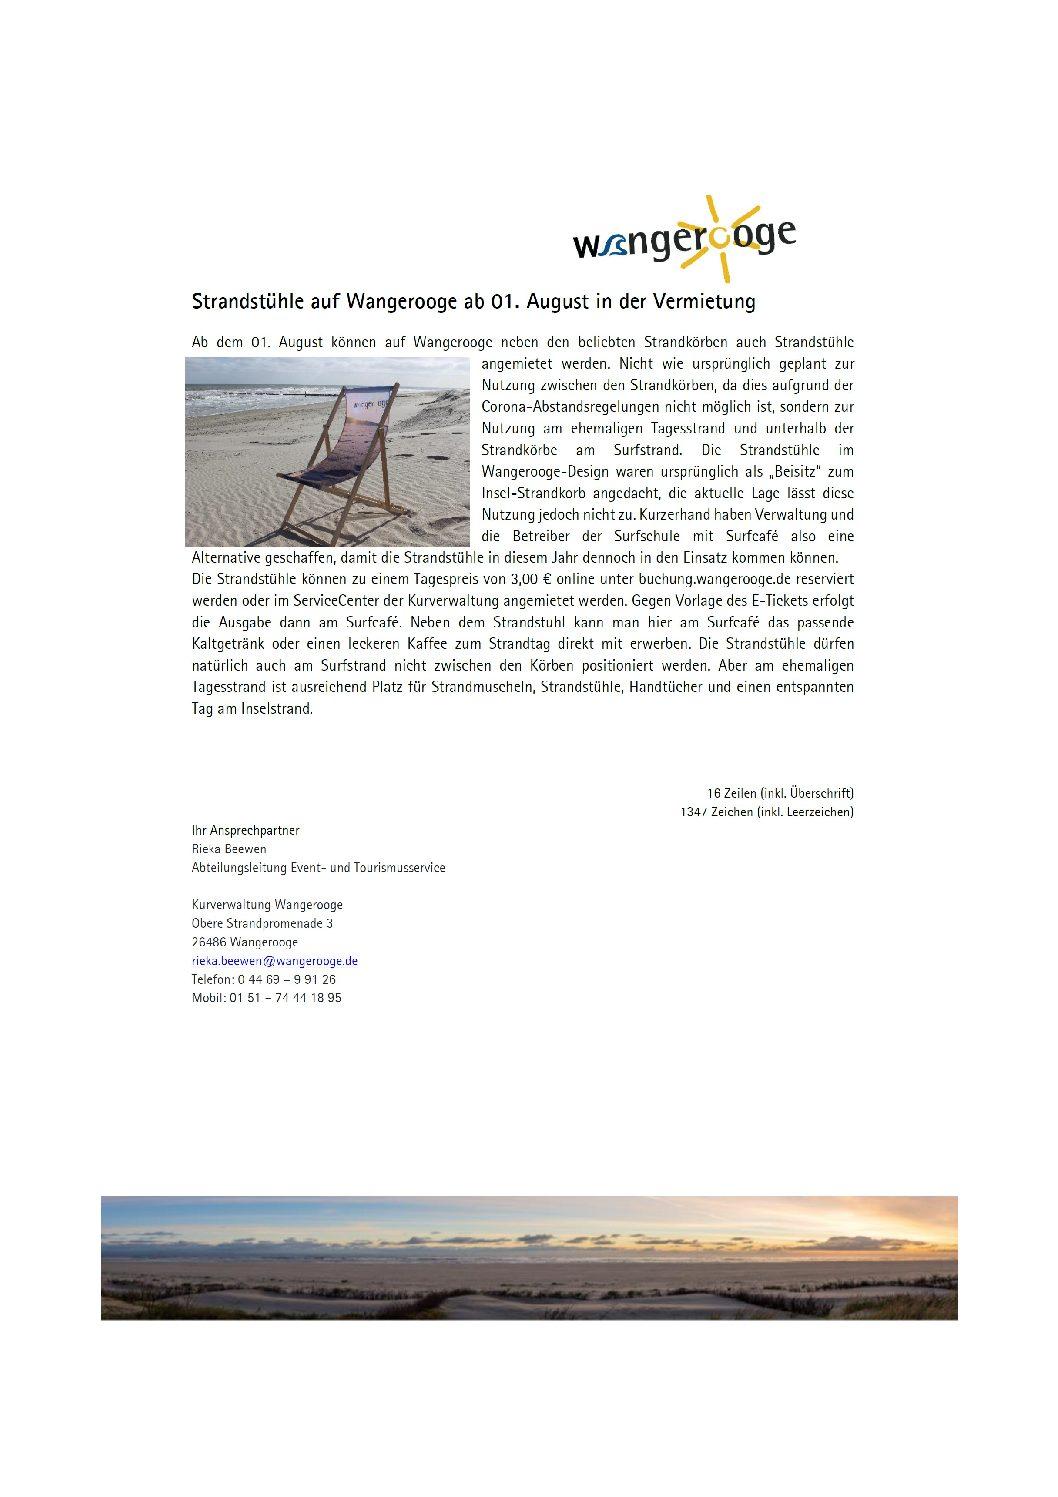 23.07.2021 Strandstühle auf Wangerooge ab 01.08.2021 in der Vermietung